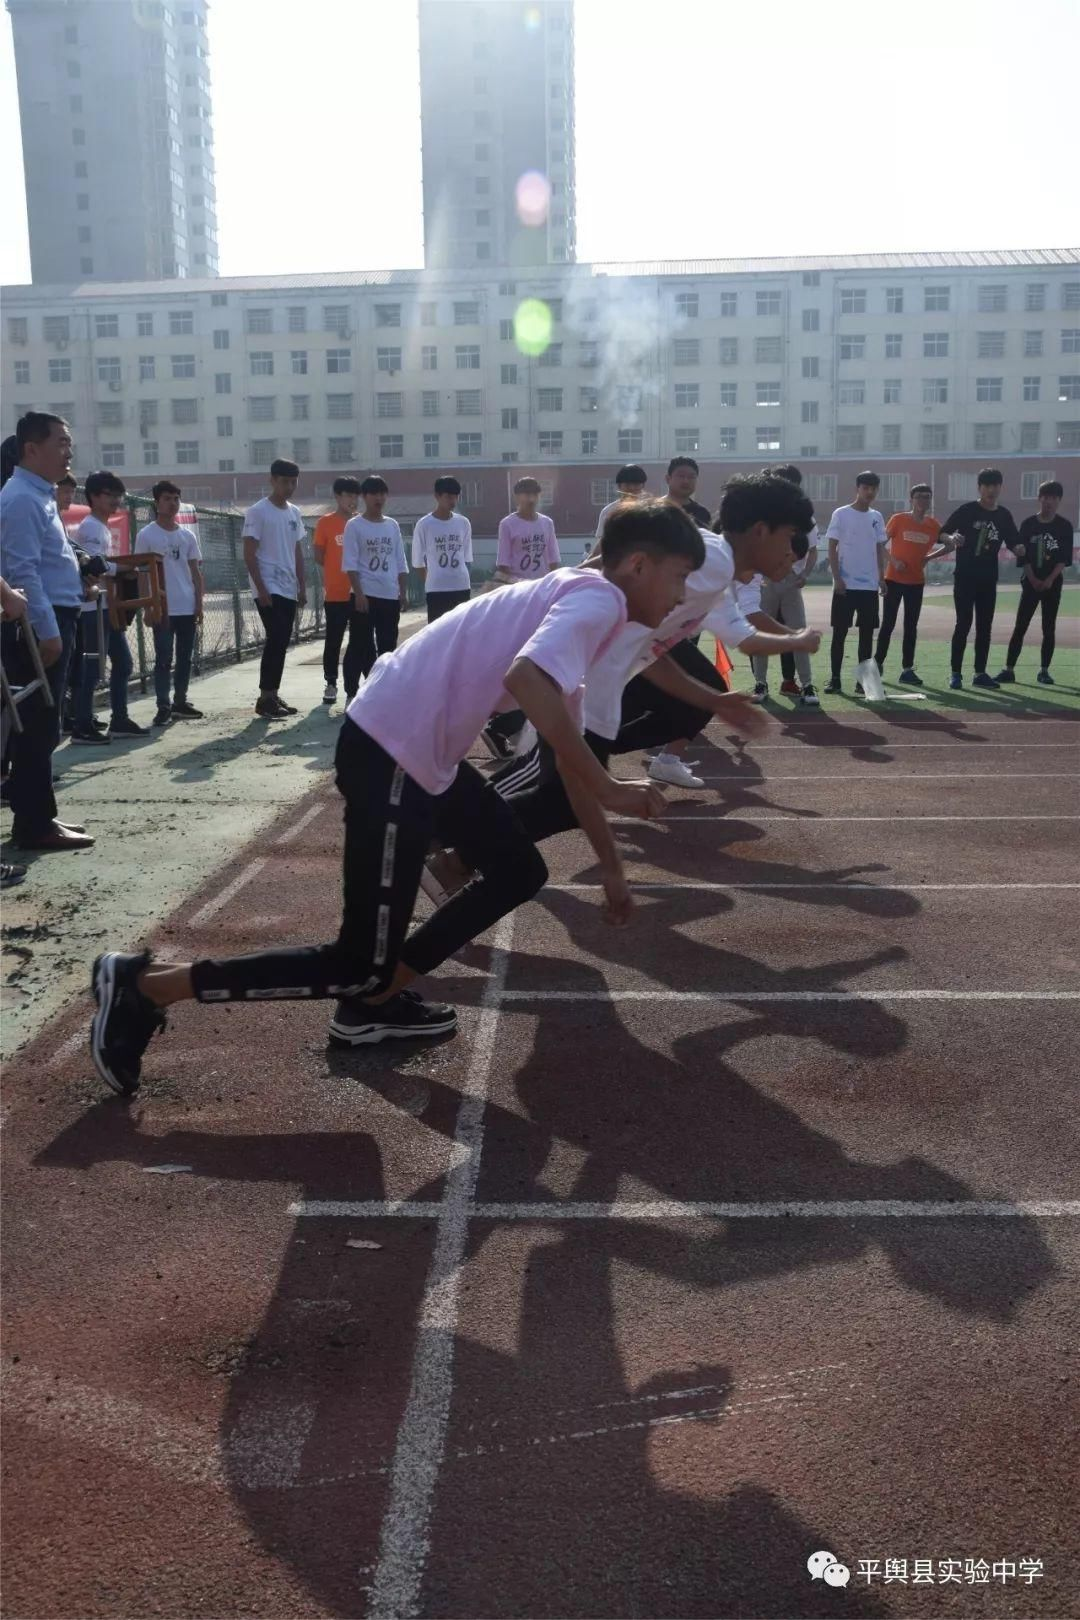 v中学中学高中部2018春季田径运动隆重开幕最好高中安庆的图片